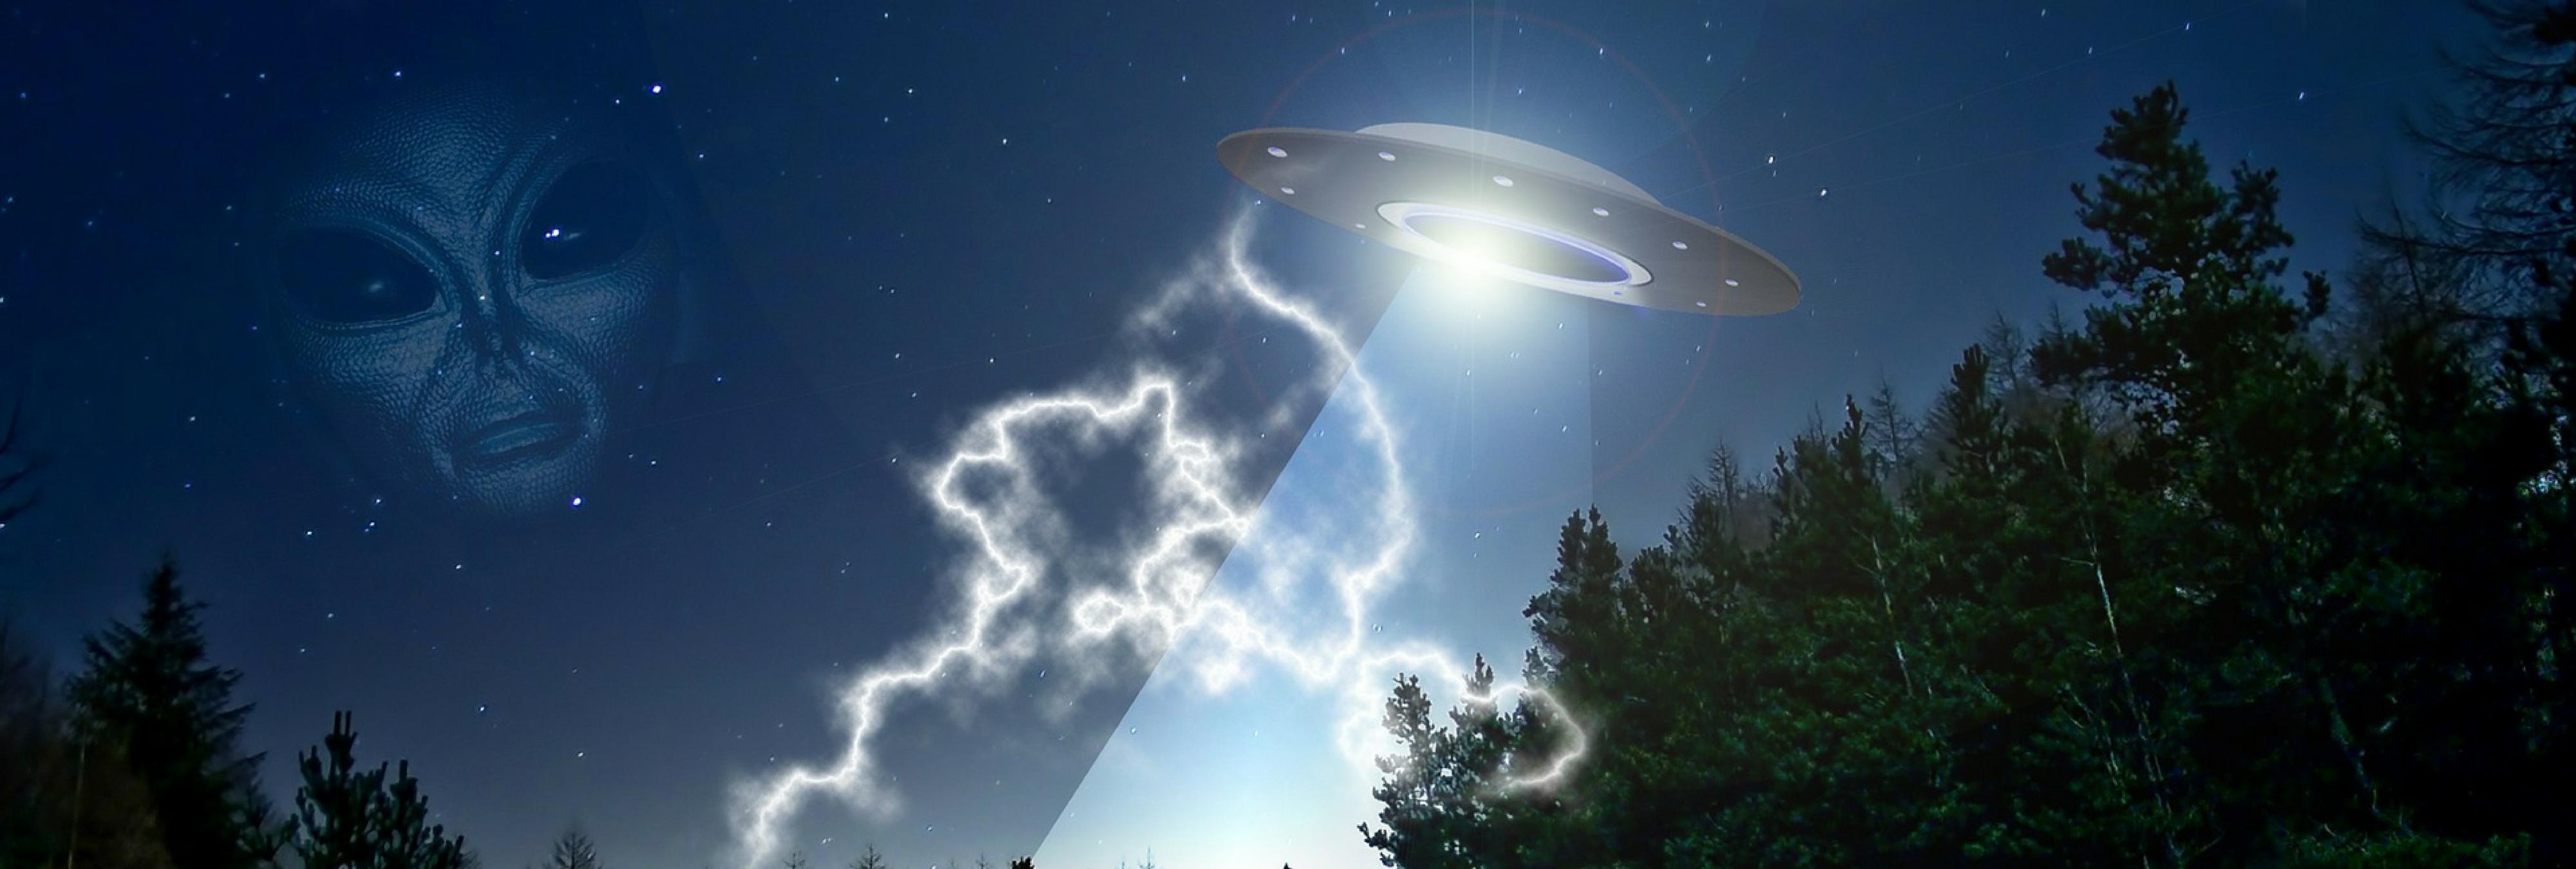 Un oficial del Pentágono afirma que los extraterrestres han visitado la Tierra